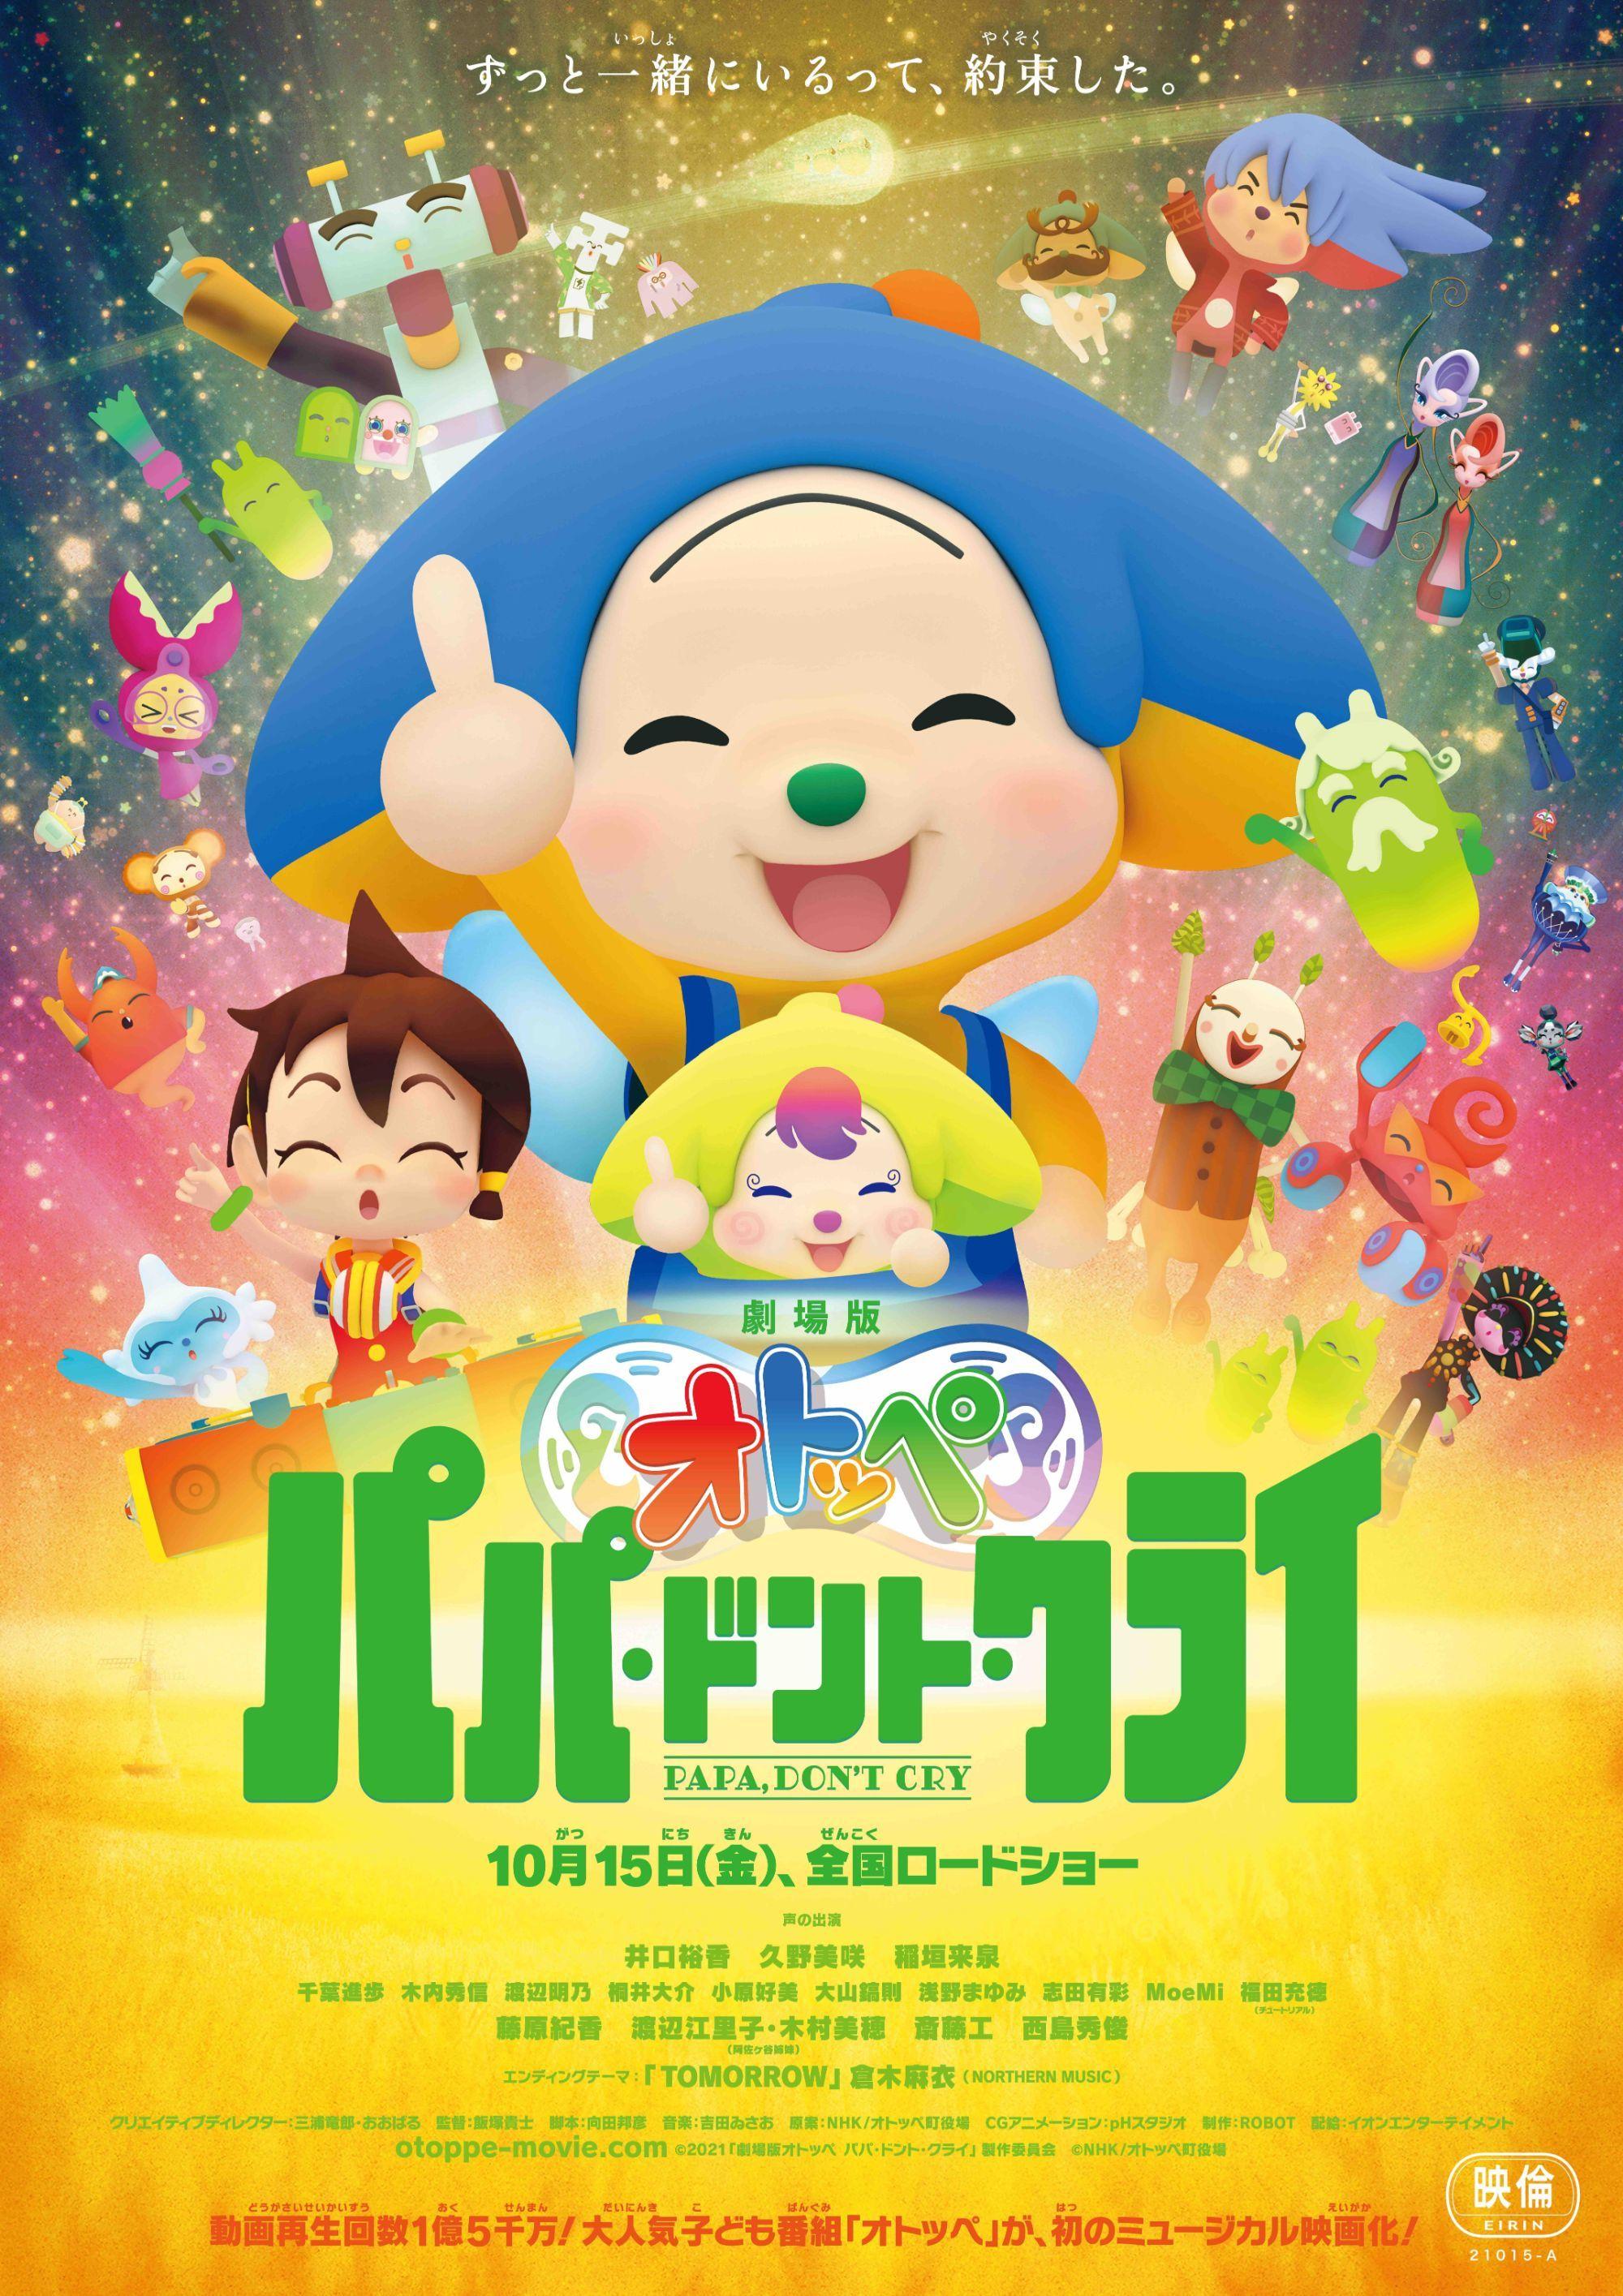 (C)2021「劇場版オトッペ パパ・ドント・クライ」製作委員会(C)NHK/オトッペ町役場